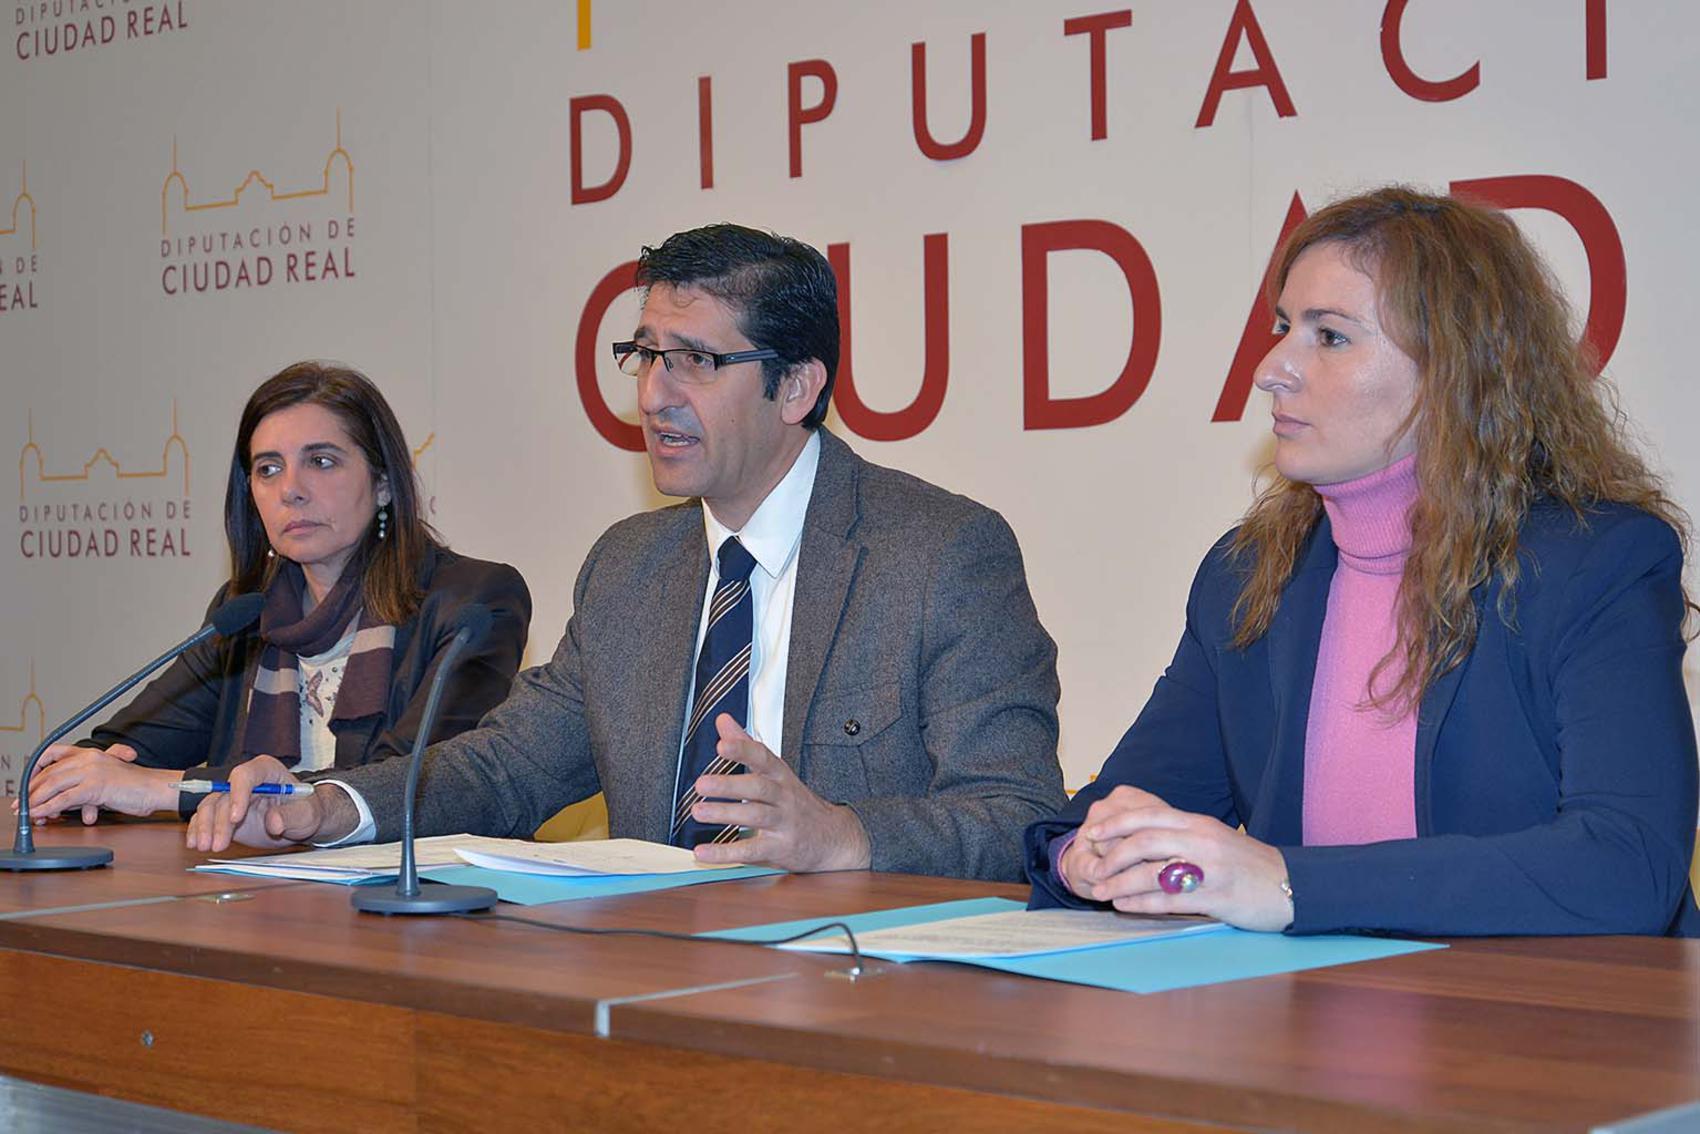 Diputación y Junta